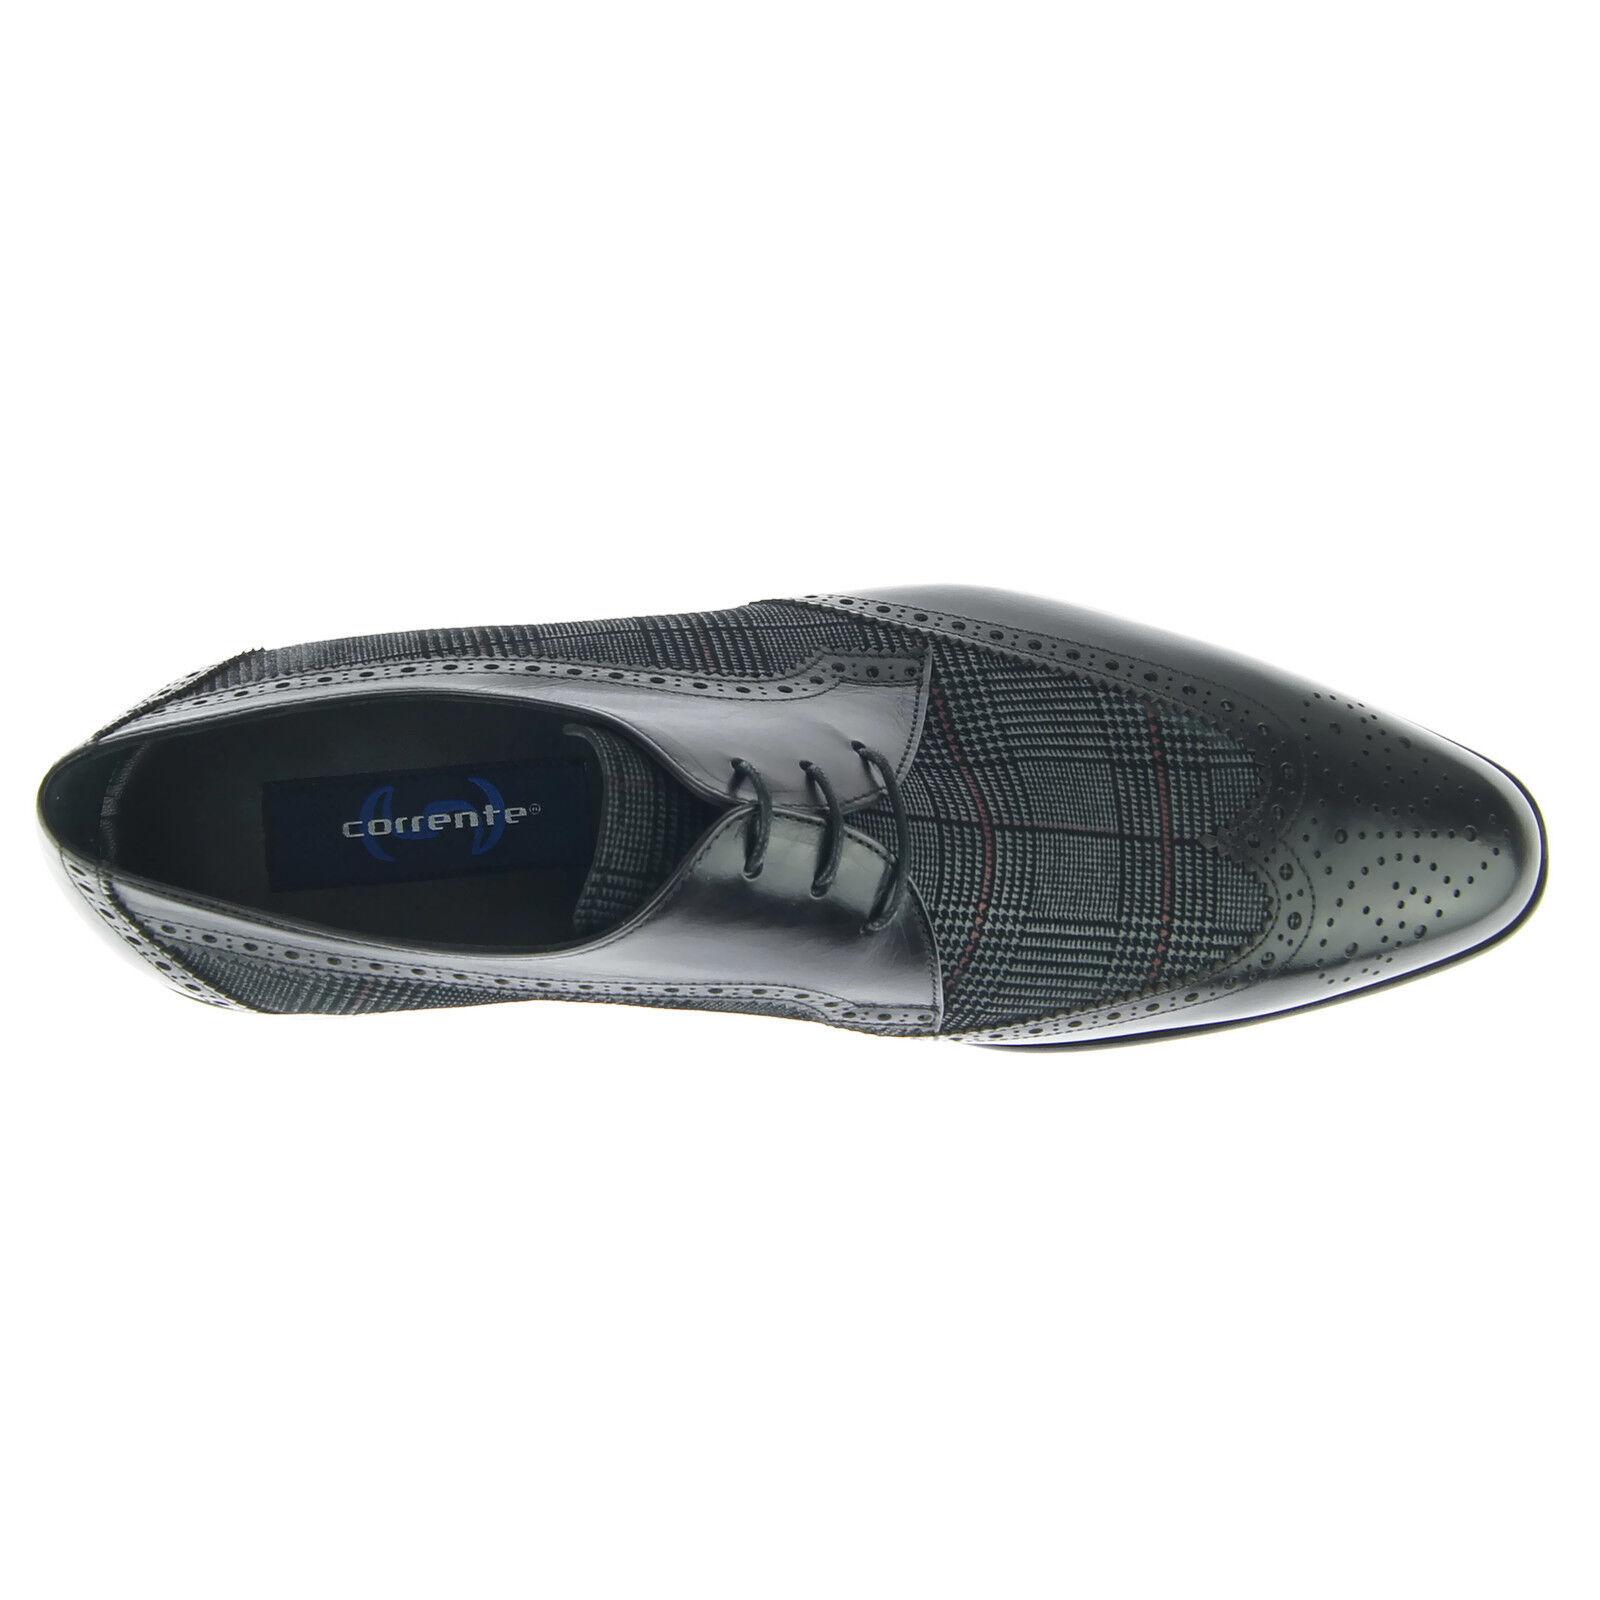 Corrente 3750 Wingtip Kleid Derby, Herren Kleid Wingtip Leder Oxford Schuhe, Schwarz 0dab2c